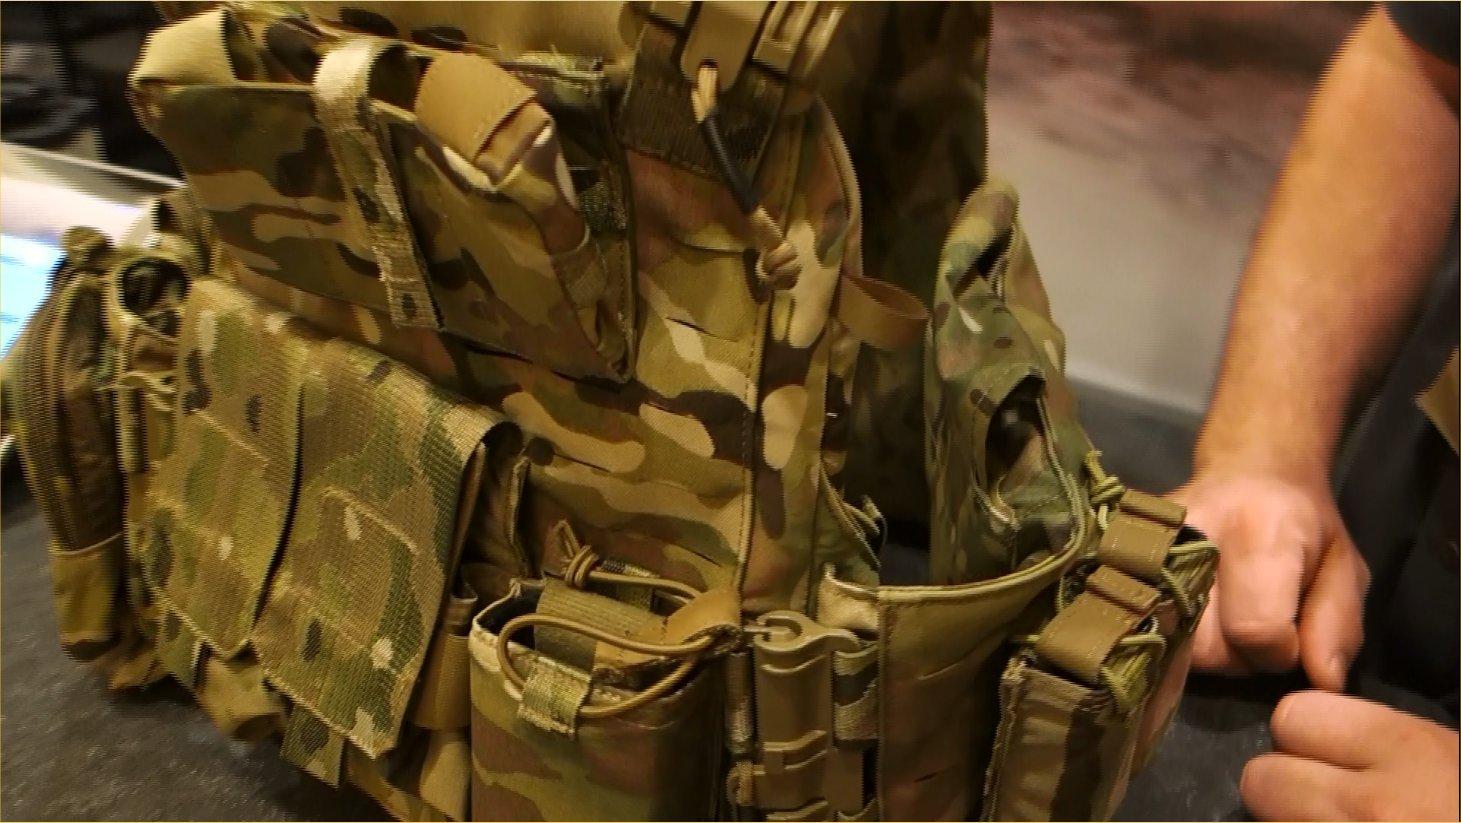 Renegade Armor Firstspear Maritime Assault Plate Carrier System